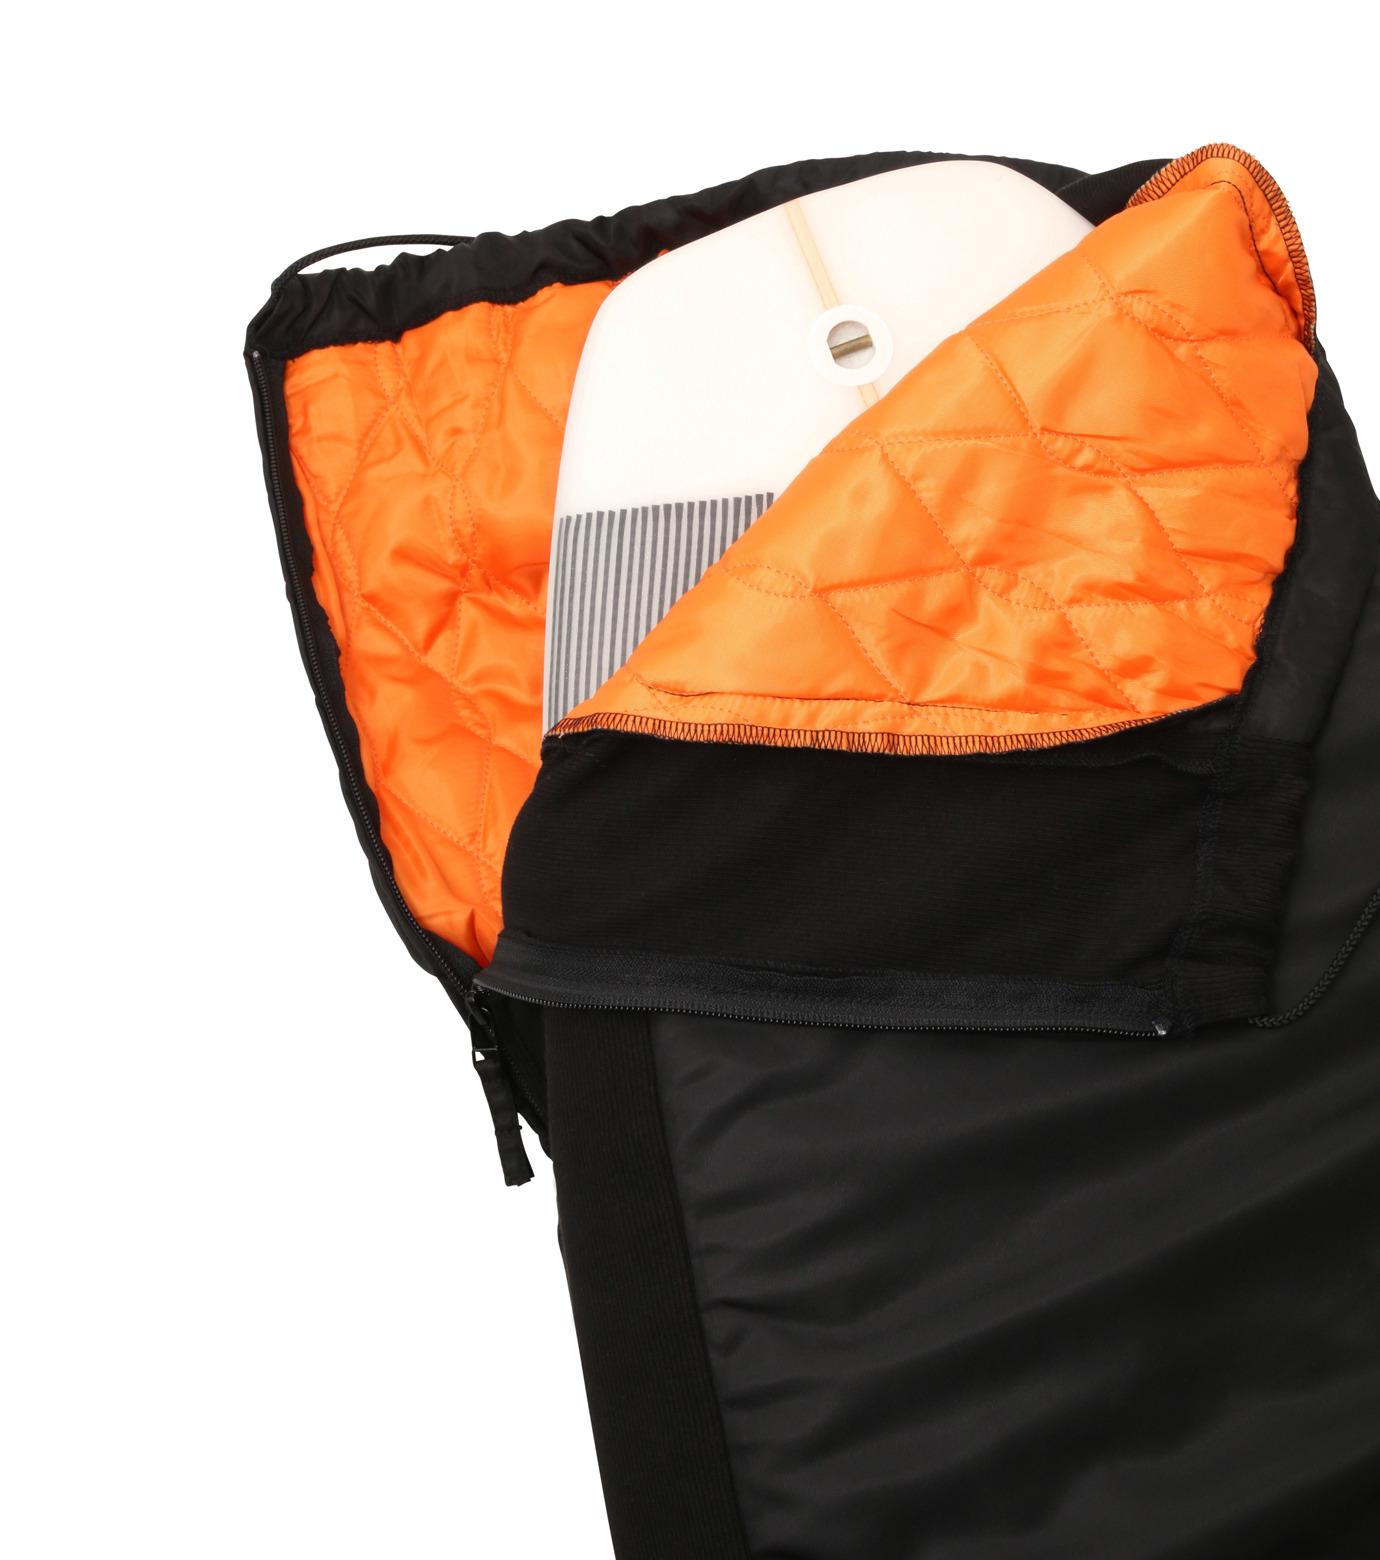 HEY YOU !(ヘイユウ)のSurfboard Jacket Retro-BLACK(サーフ/OUTDOOR/surf/OUTDOOR)-18S90010-13 拡大詳細画像5